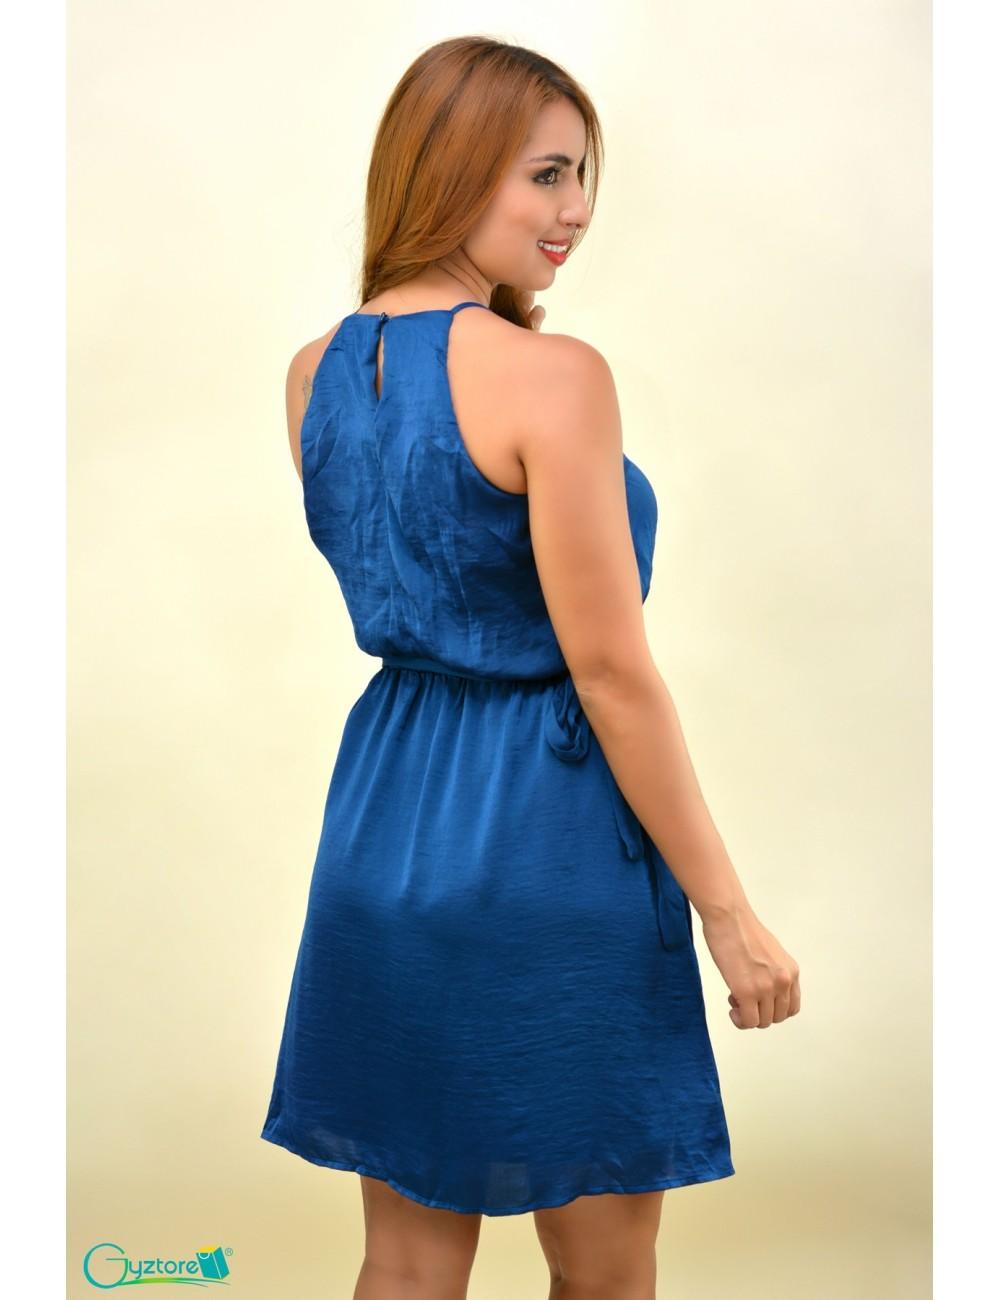 Vestido azul sin mangas cuello cuadrado